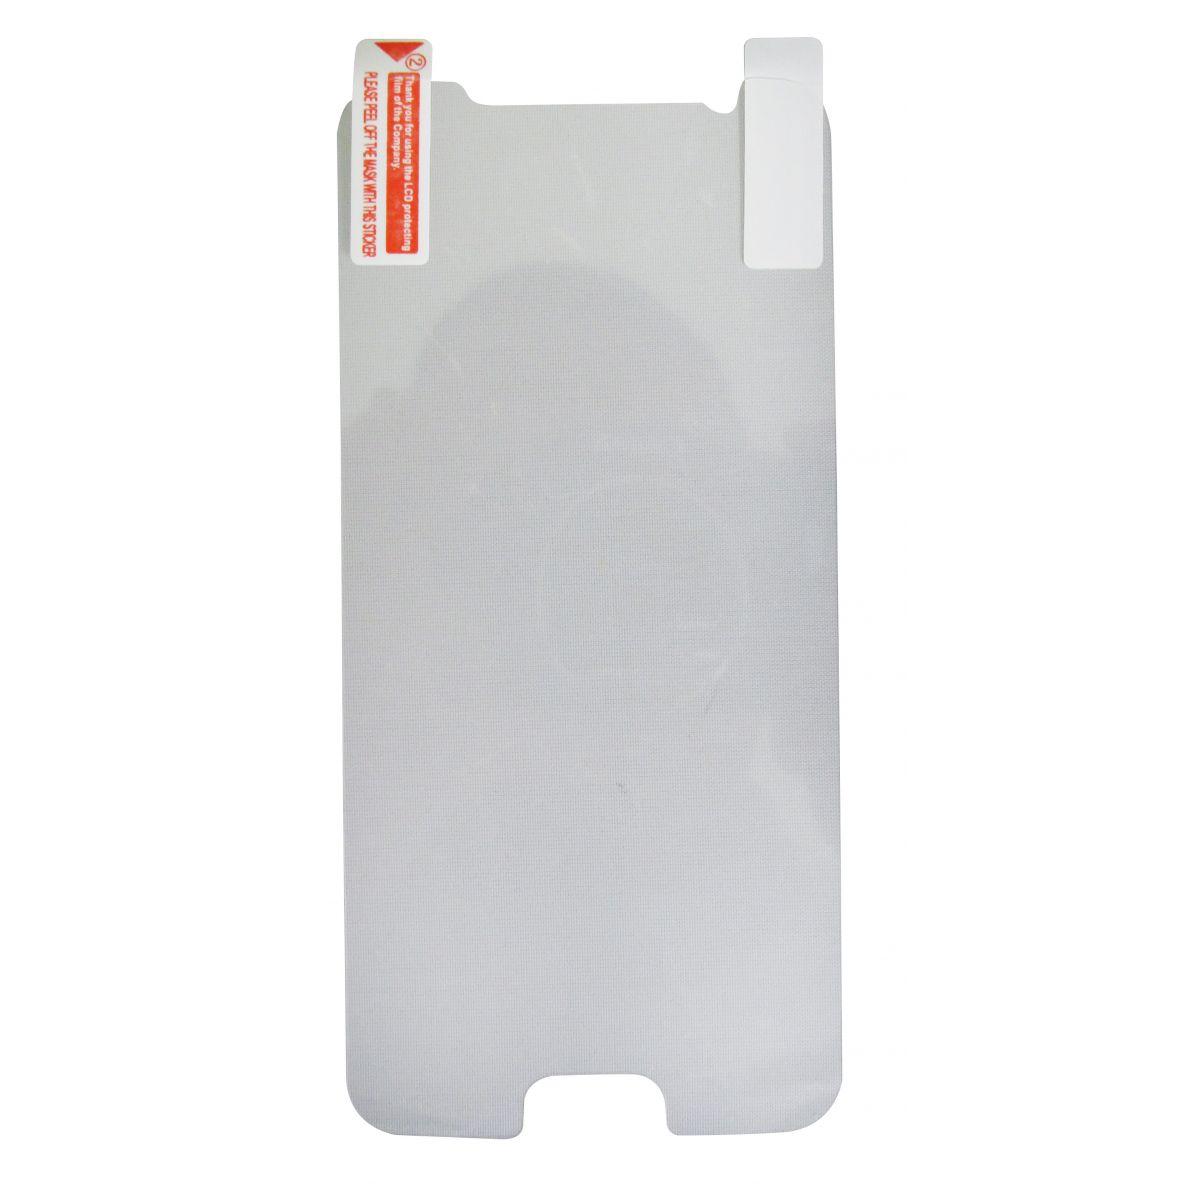 Película Protetora para Samsung Galaxy S6 SM-G920 - Transparente